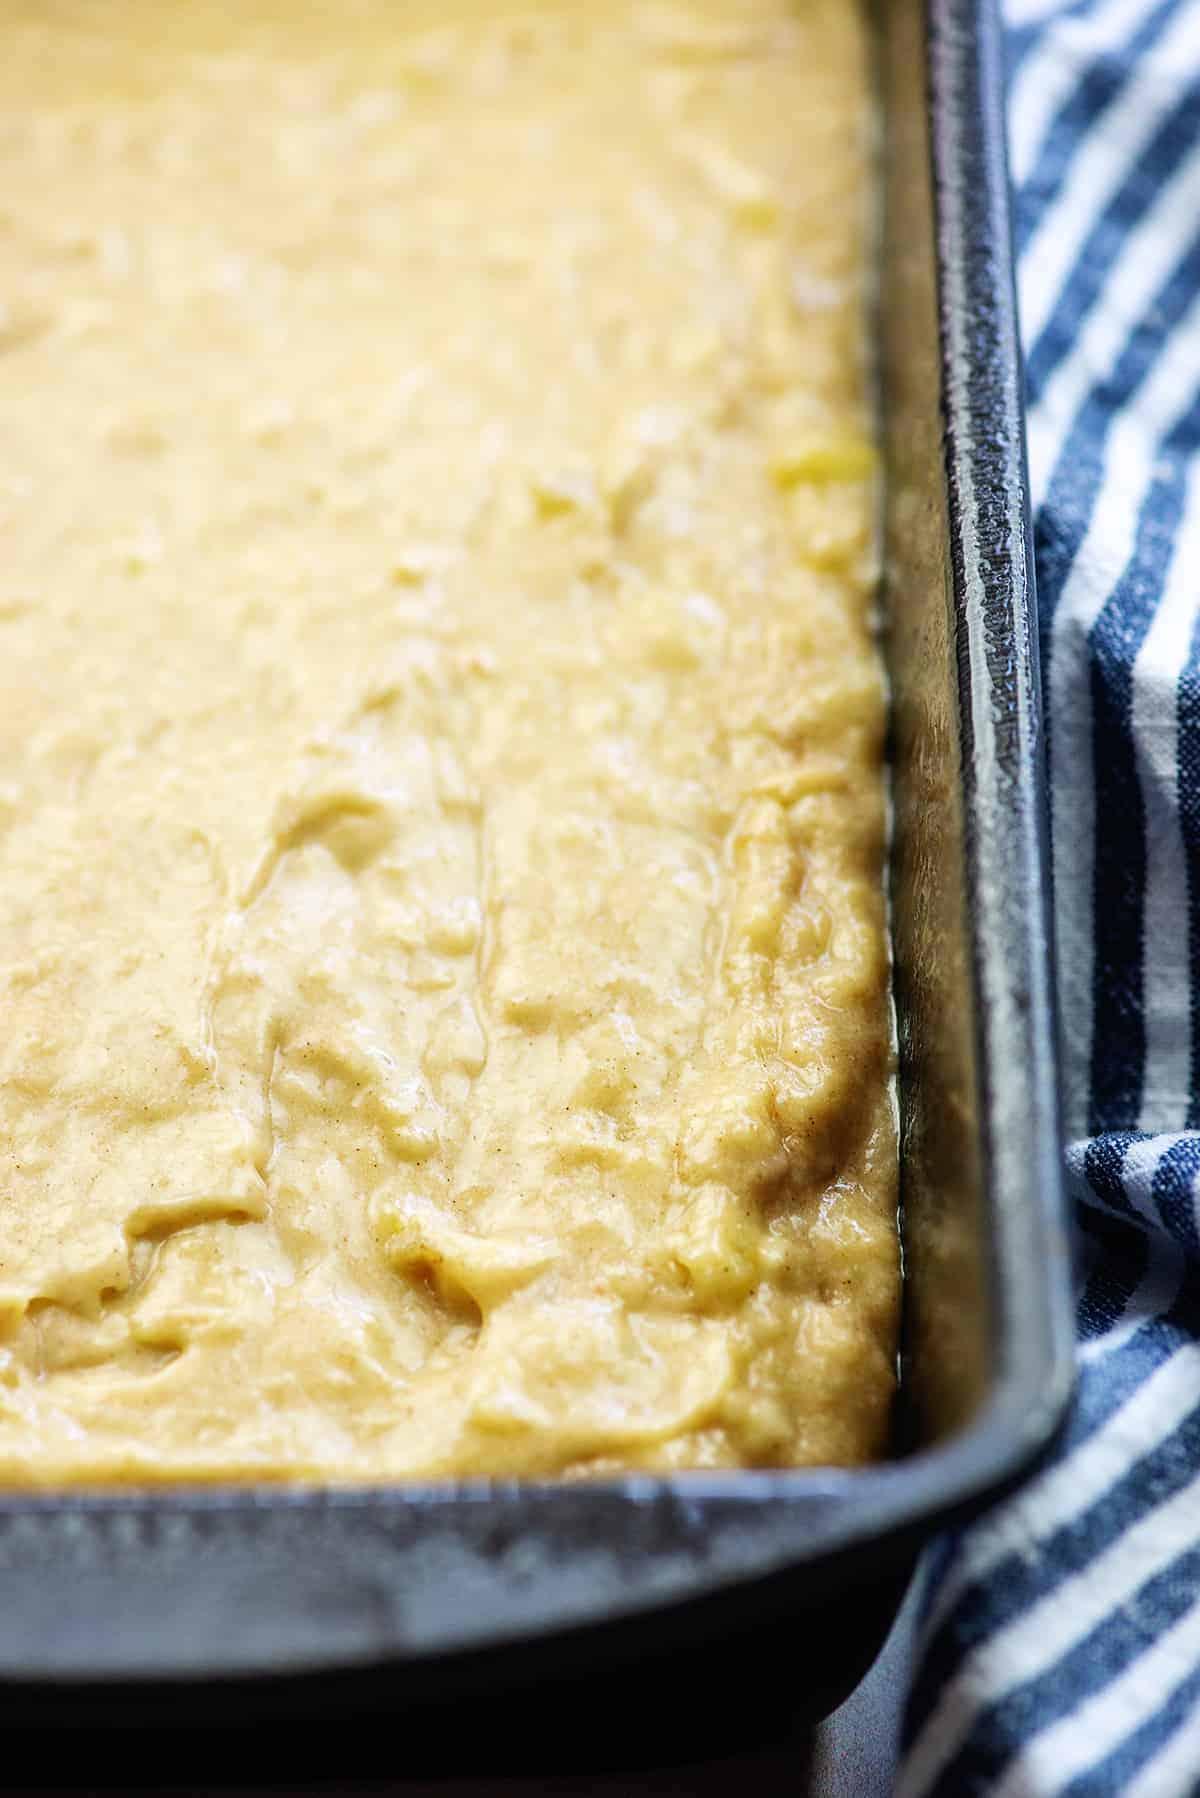 banana bread batter in metal loaf pan